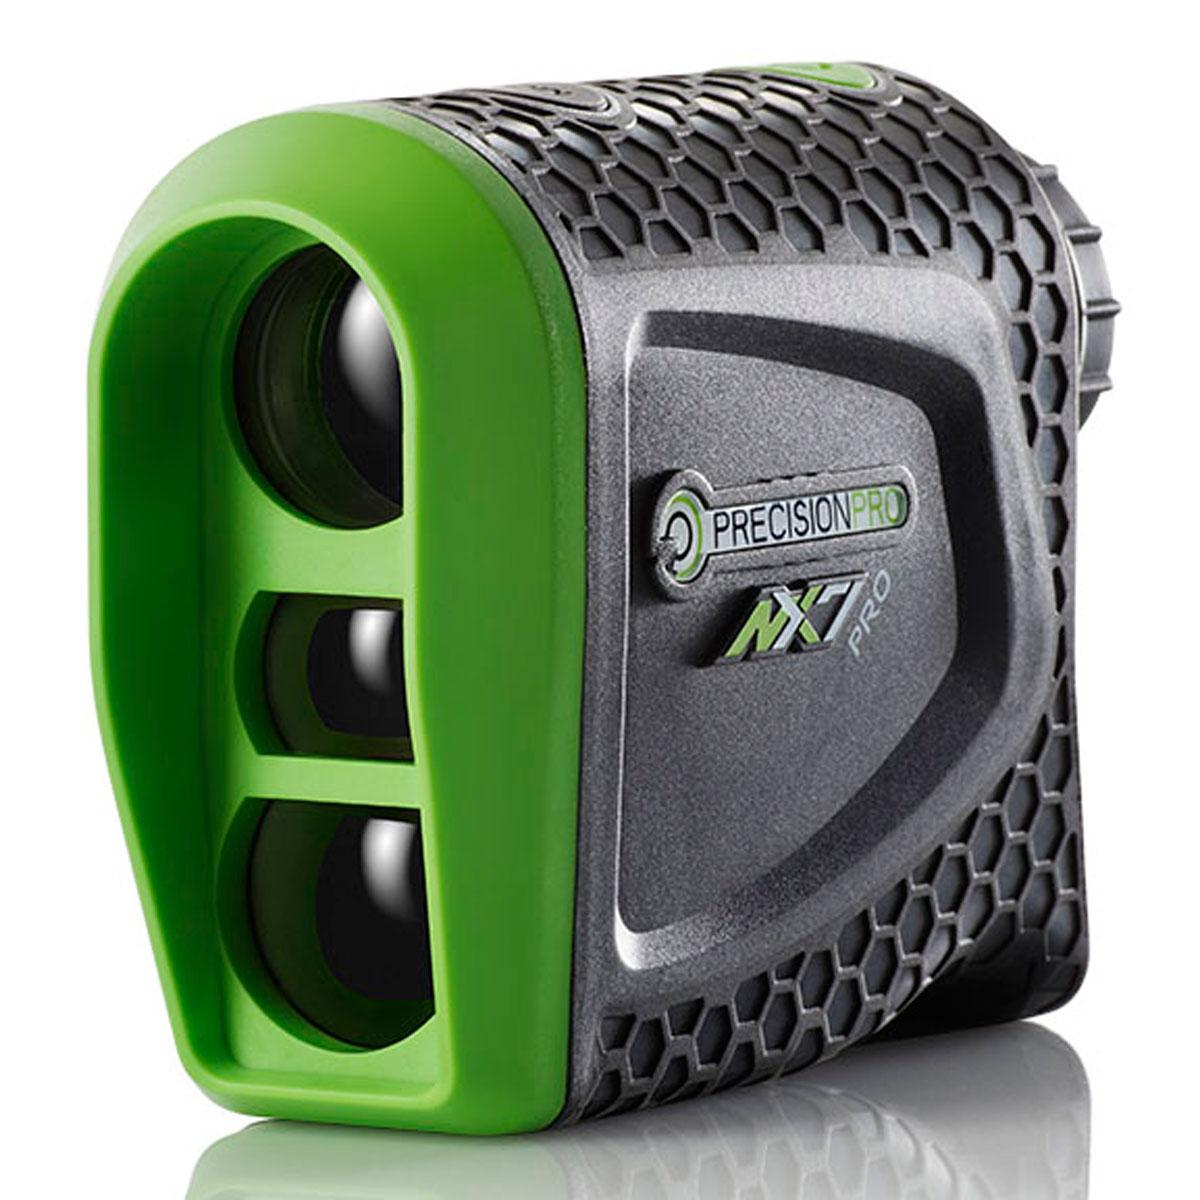 【父の日ギフト】プレシジョン プロ PRECISION PRO NX7 Pro[GSP ナビ 距離測定器 レーザー 高低差 計測器 ファインダー ]